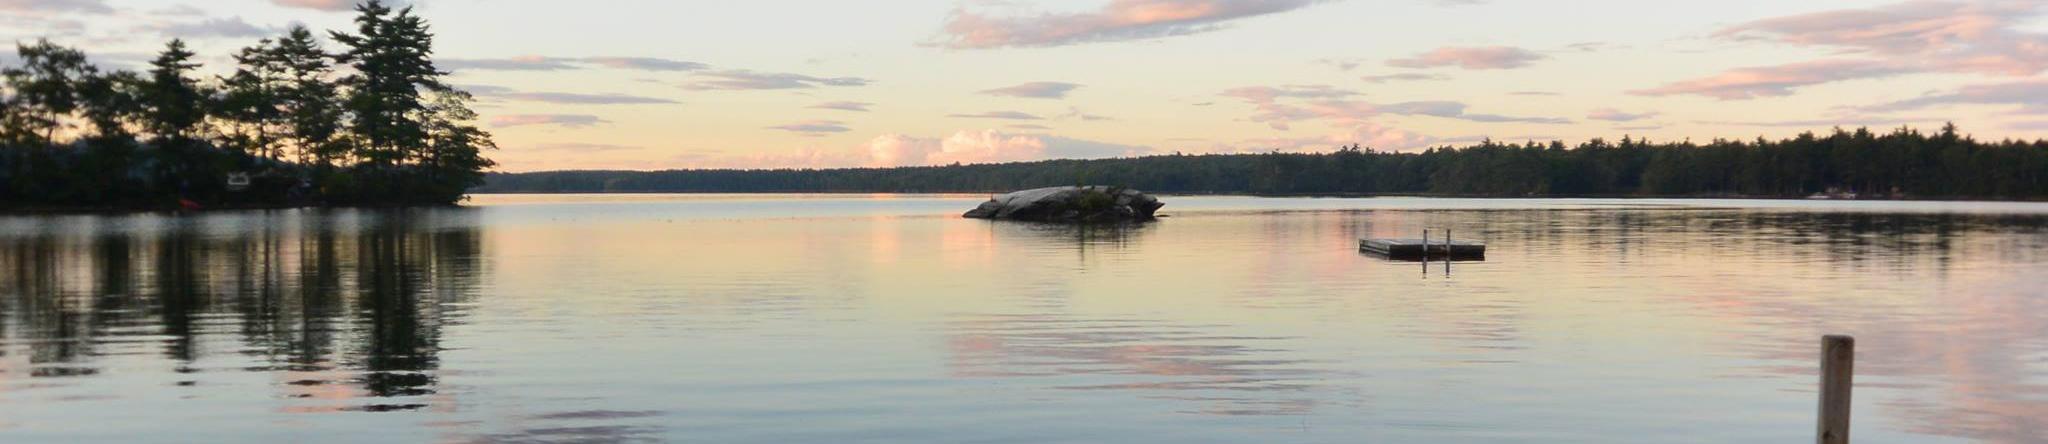 lake - Ida.jpg